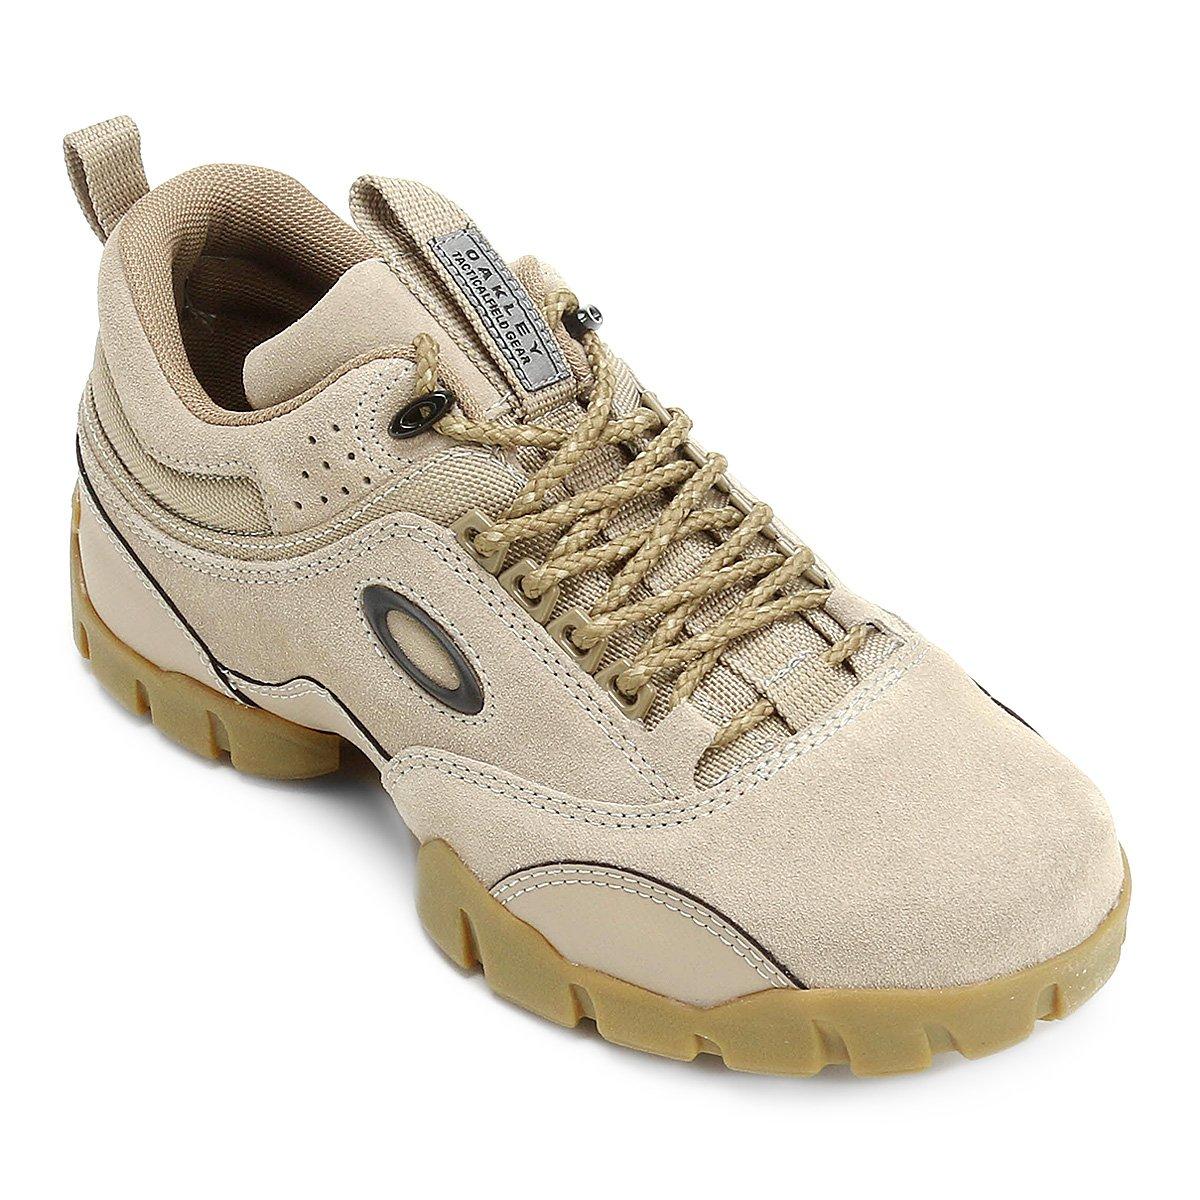 a64d5be3ae3 Tênis Agora Oakley Modoc Low Masculino Compre Agora Tênis Netsapatos 4928a4